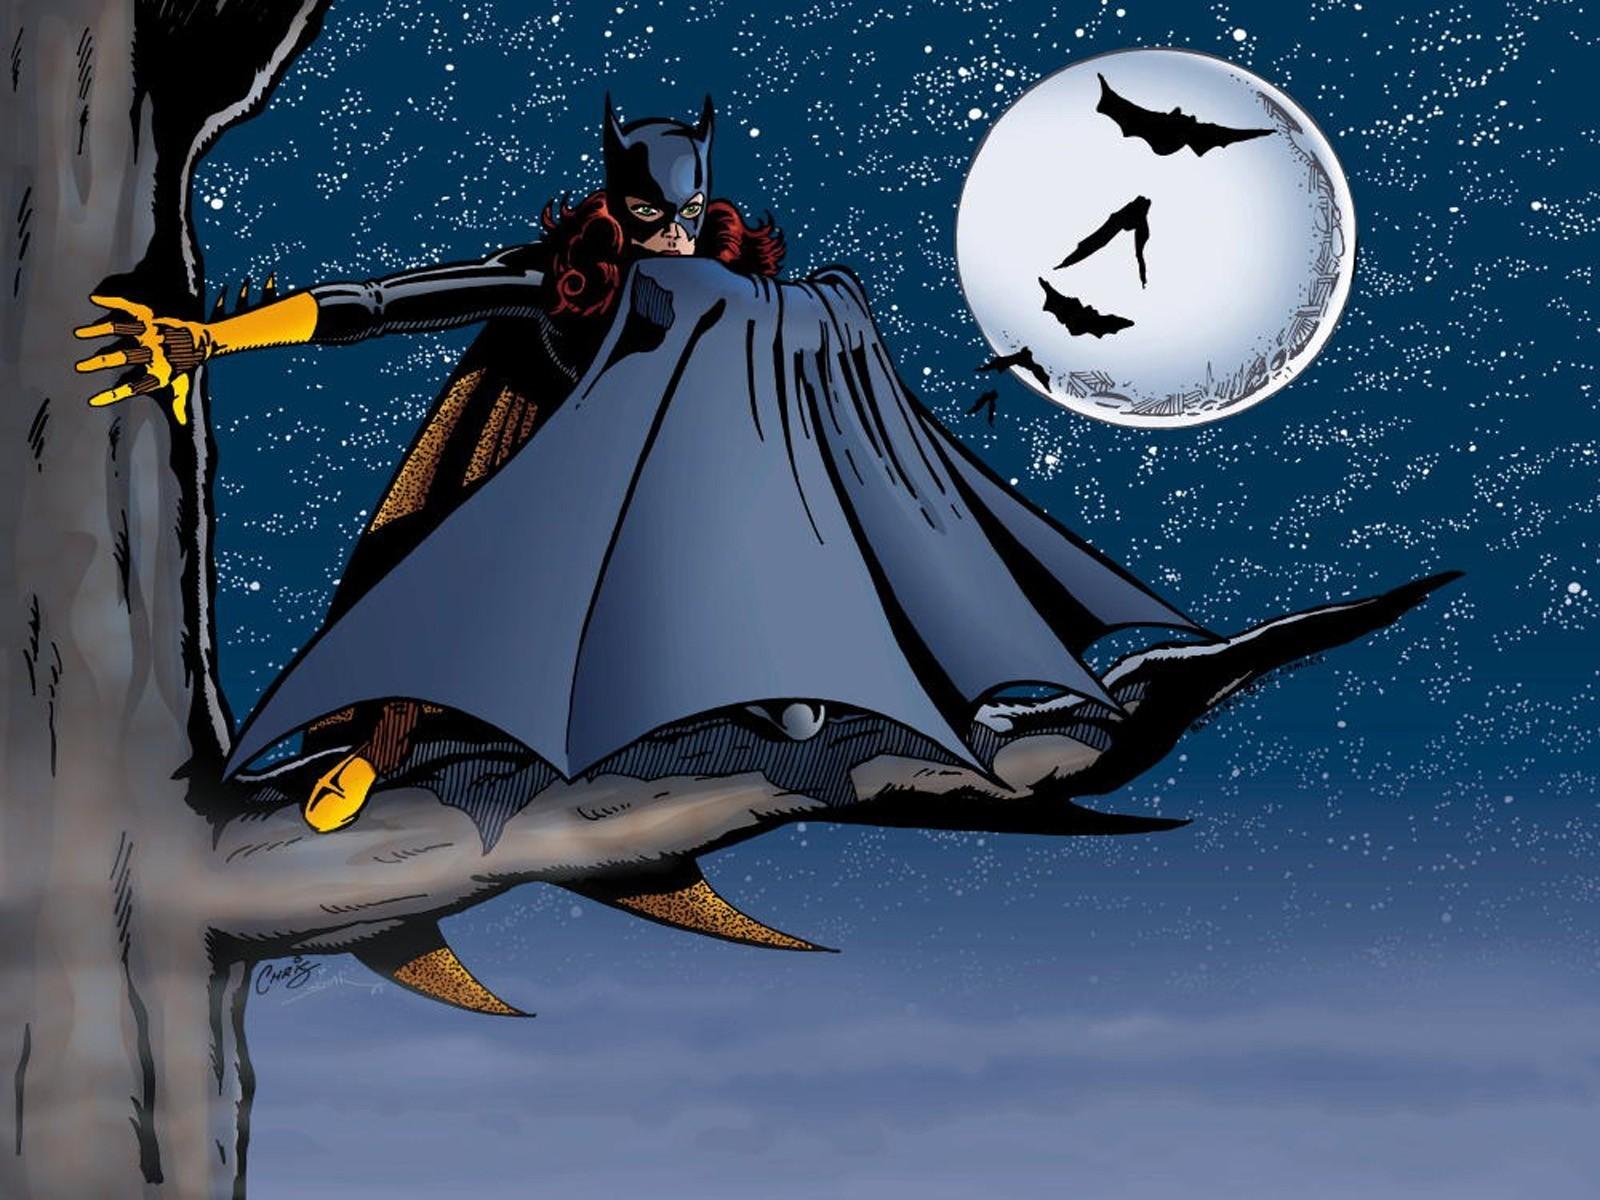 batgirl from dc comics wallpaper - photo #1